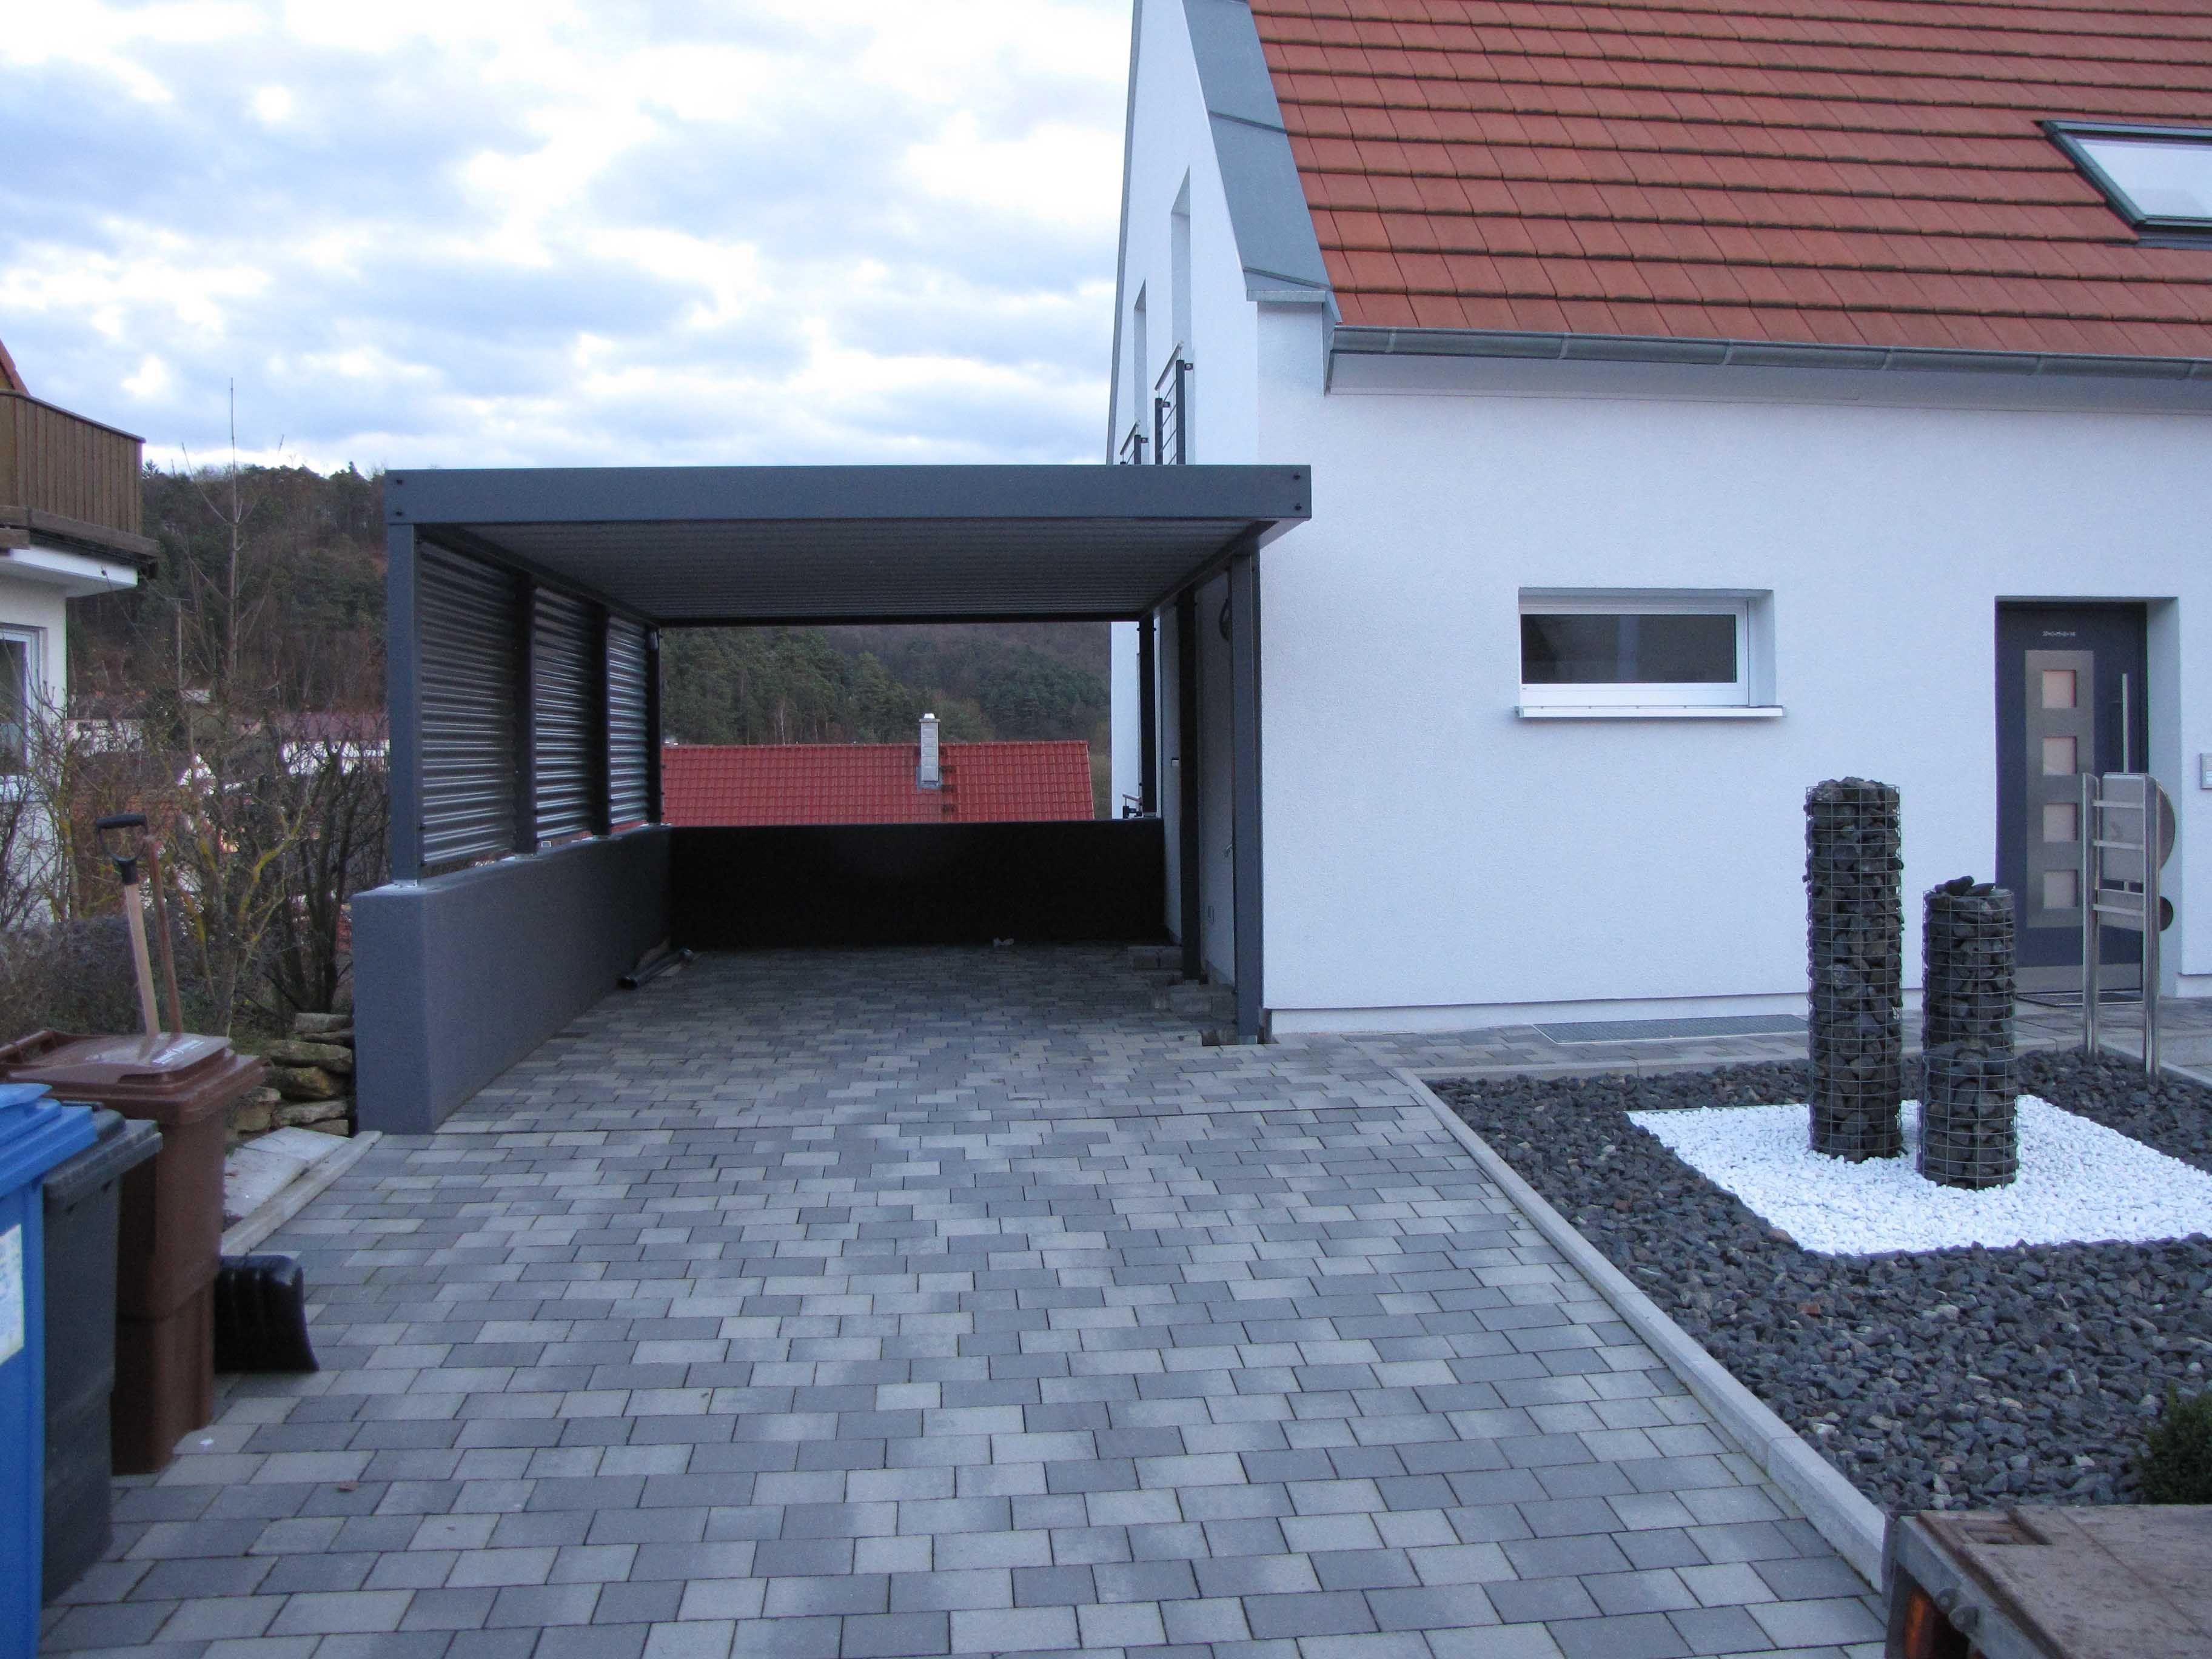 921609f52471ae95790ce13975581f51 Inspiration Sichtschutz Rhombus Selber Bauen Konzept